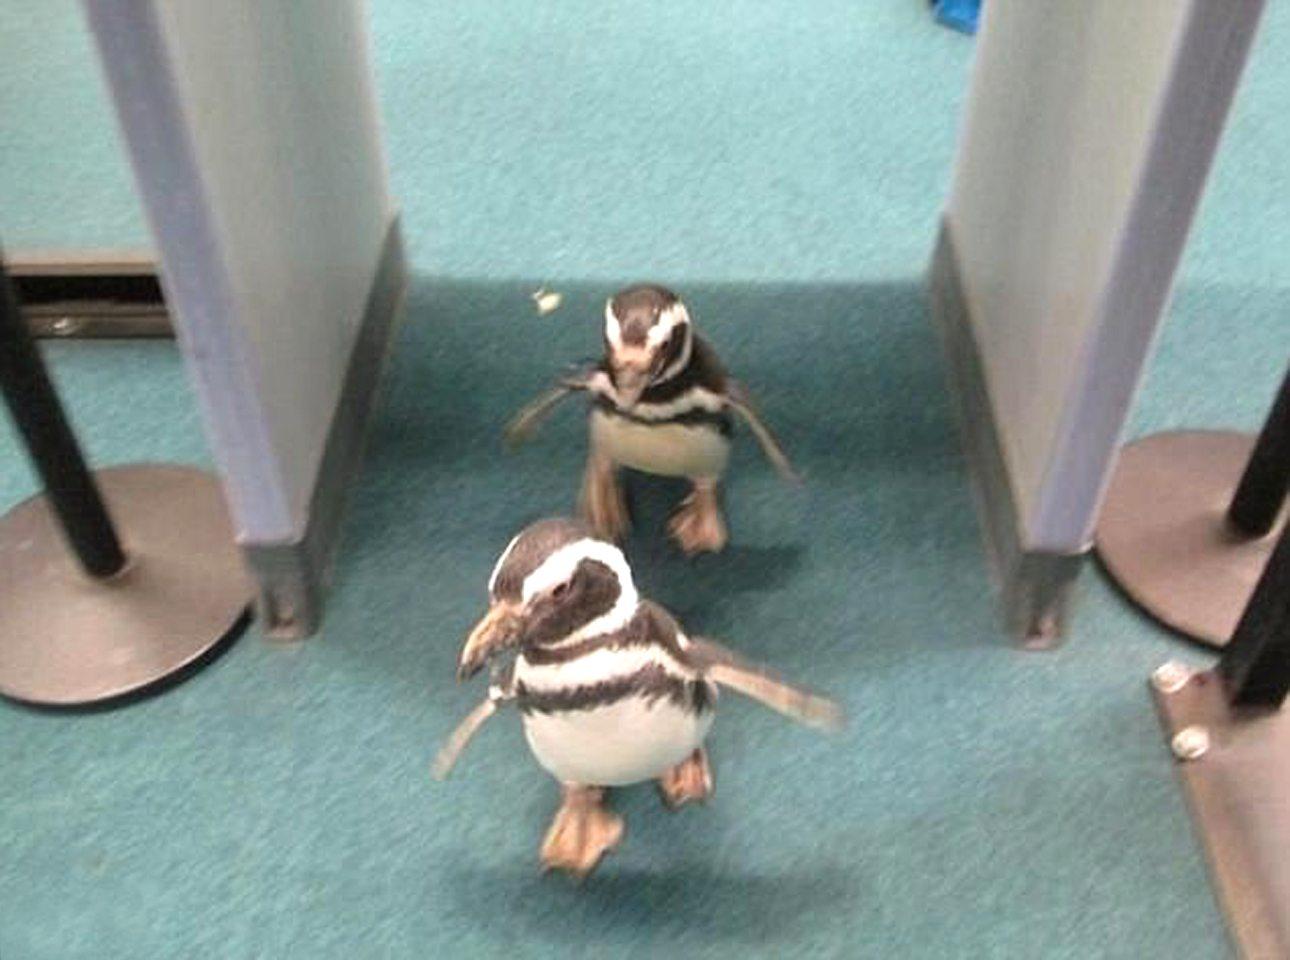 Δύο πιγκουίνοι περνάνε από τον έλεγχο ασφαλείας του αεροδρομίου Νόρφολκ στη Βιρτζίνια των ΗΠΑ